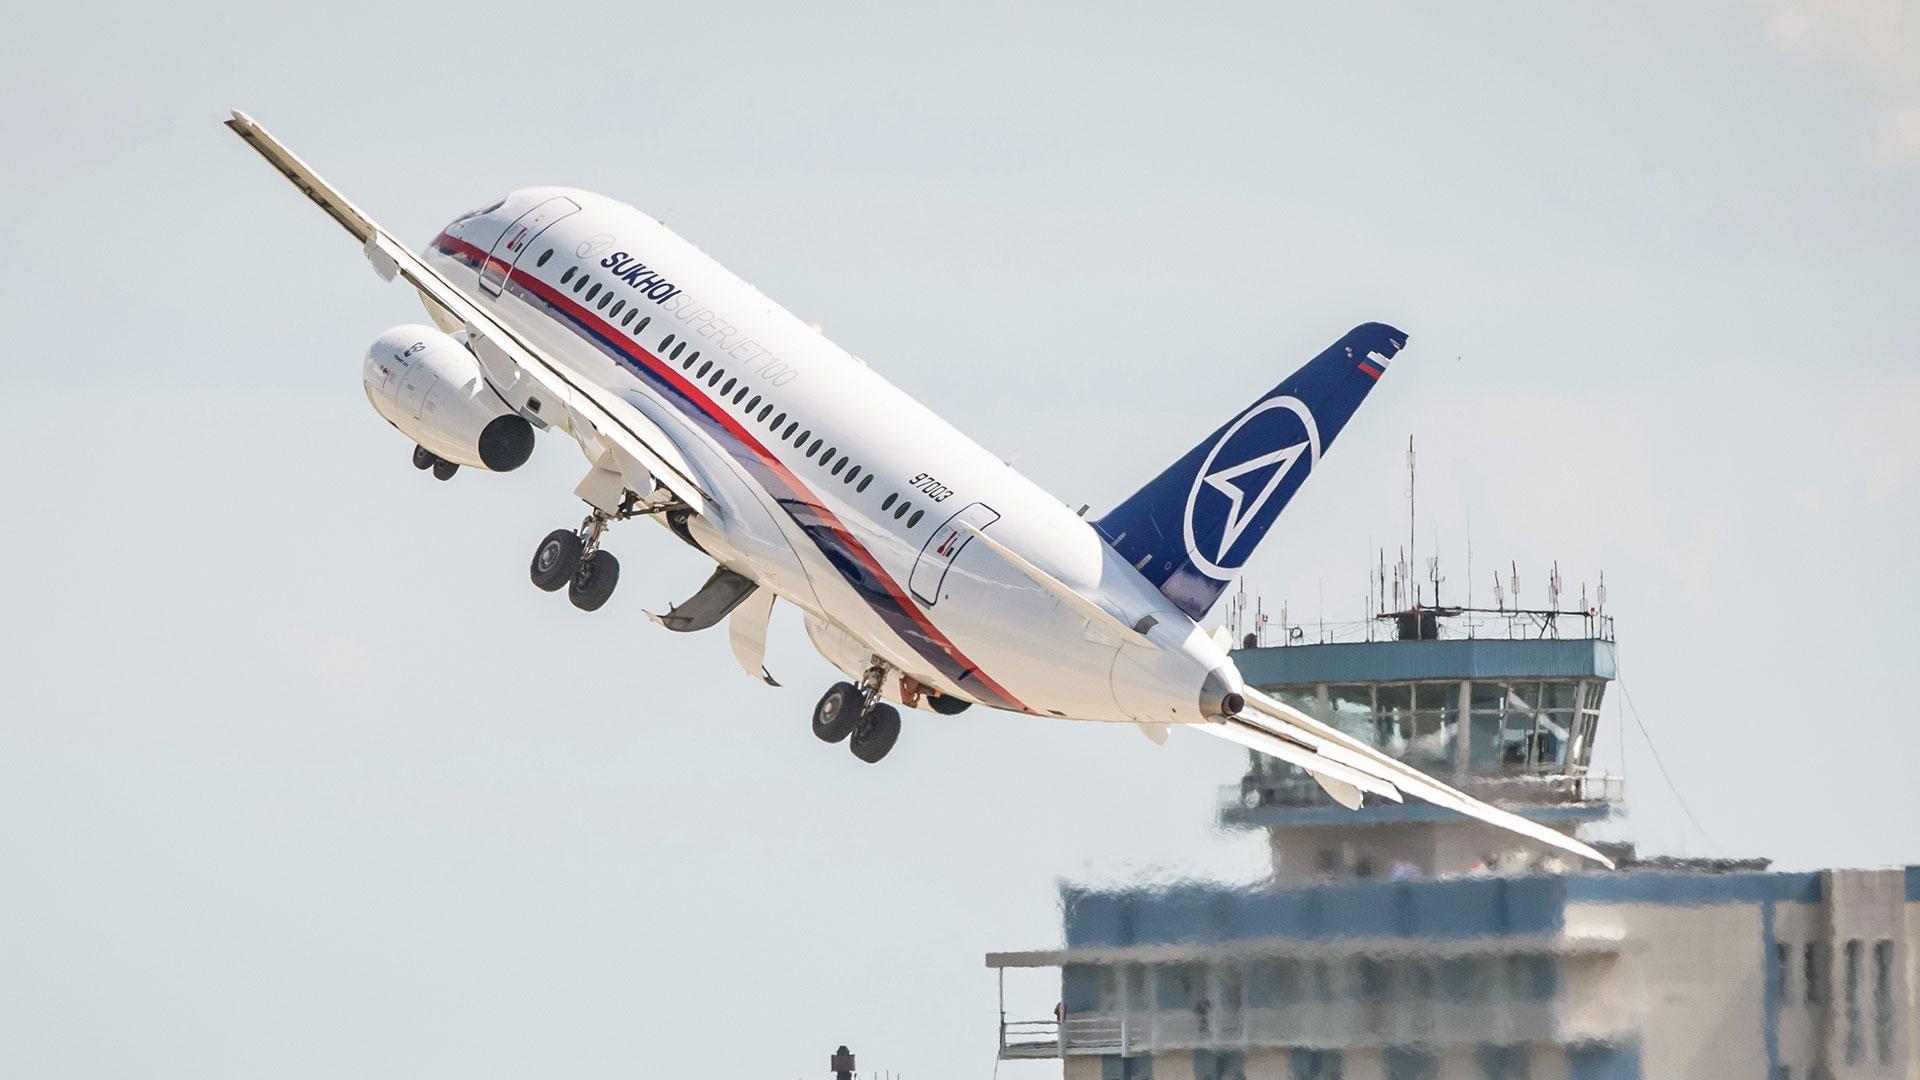 Se trata del primer avión comercial desarrollado en Rusia desde la caída de la Unión Soviética (AFP)